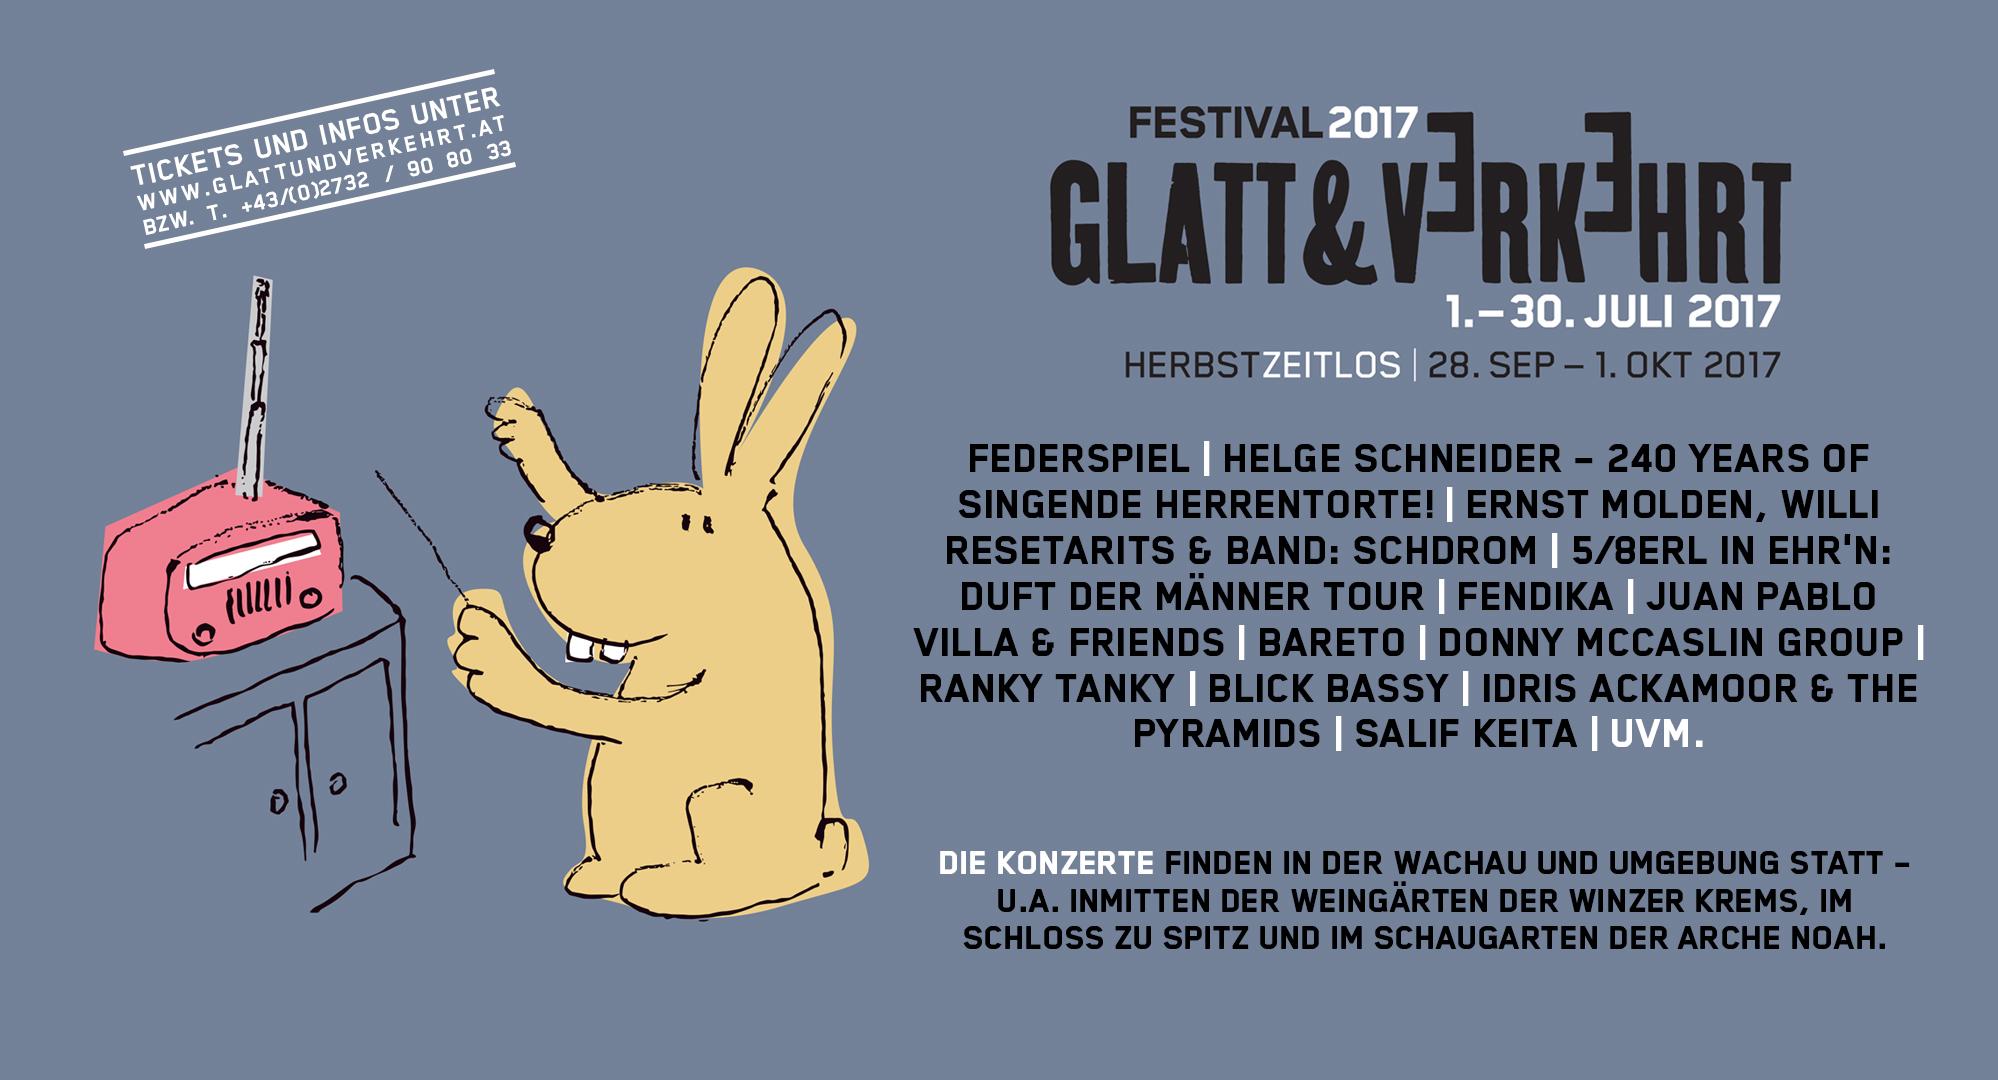 Glatt & Verkehrt 17 Kinostandbild